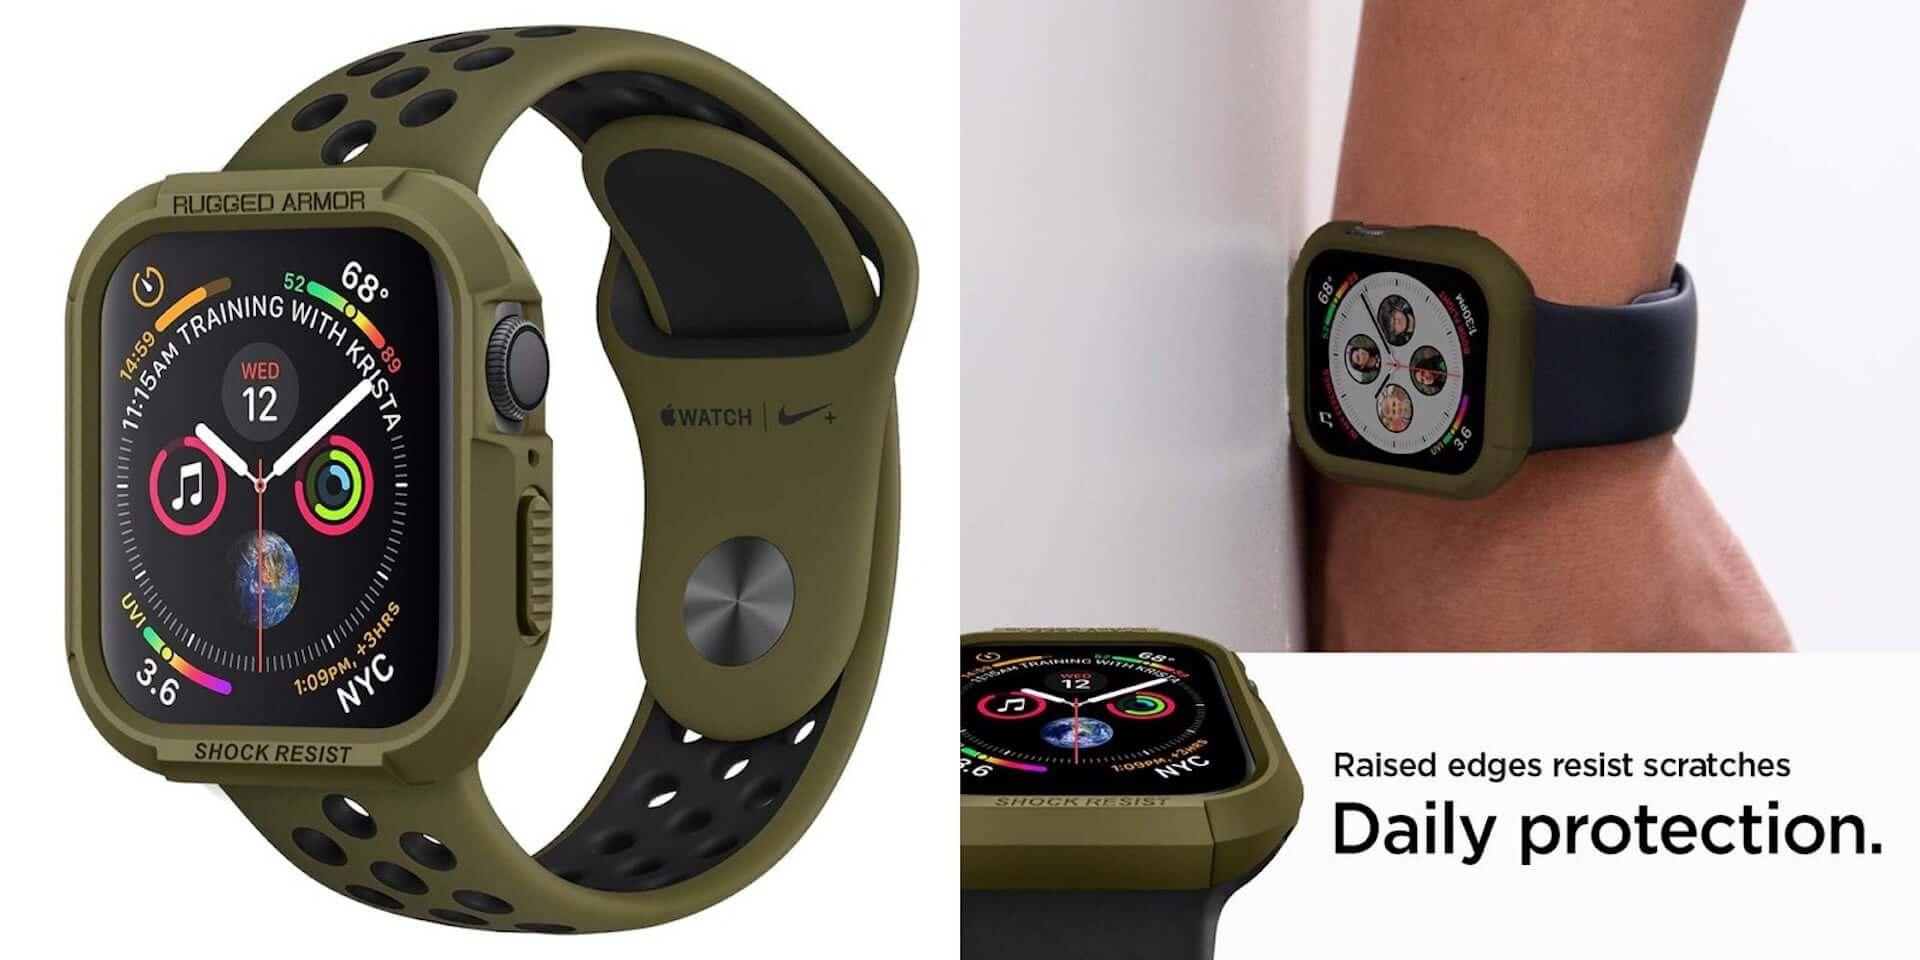 アウトドア・スポーツシーンでもApple Watchを!耐衝撃ケースSpigen「ラギッド・アーマー プロ」に新色追加 technology190708spigen-applewatch4_5-1920x960